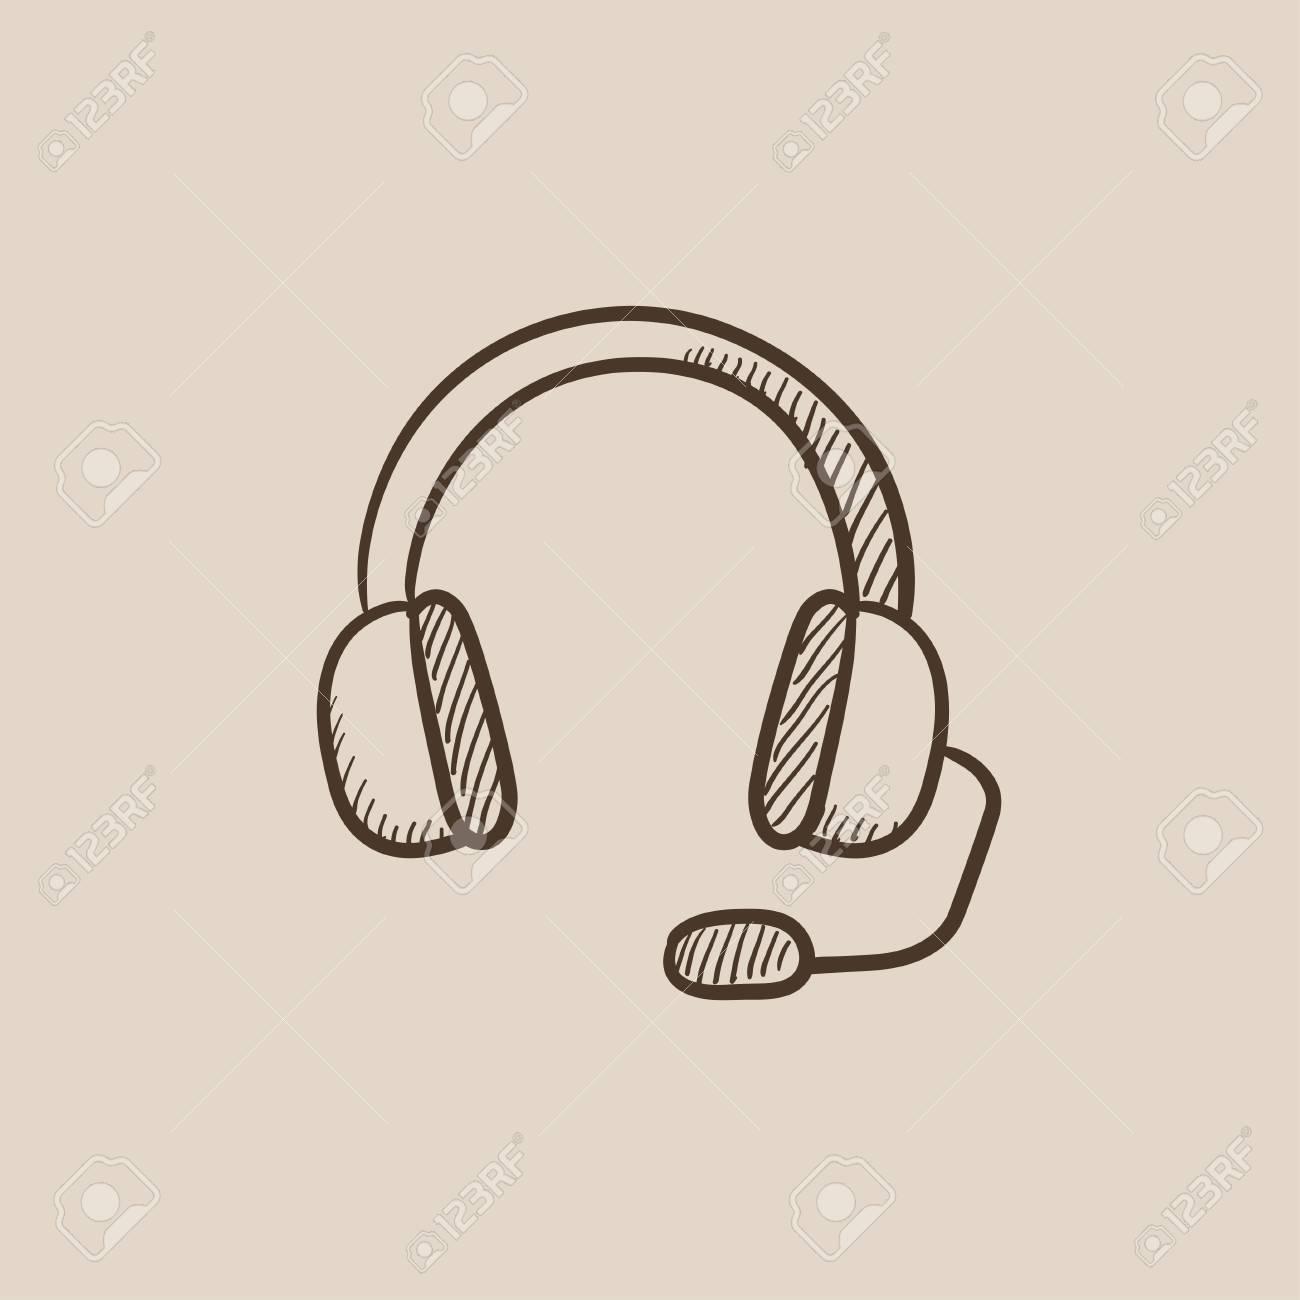 Casque d'écoute avec l'icône de croquis de microphone pour le web, mobile et infographie. Icône isolé de vecteur dessiné à la main.